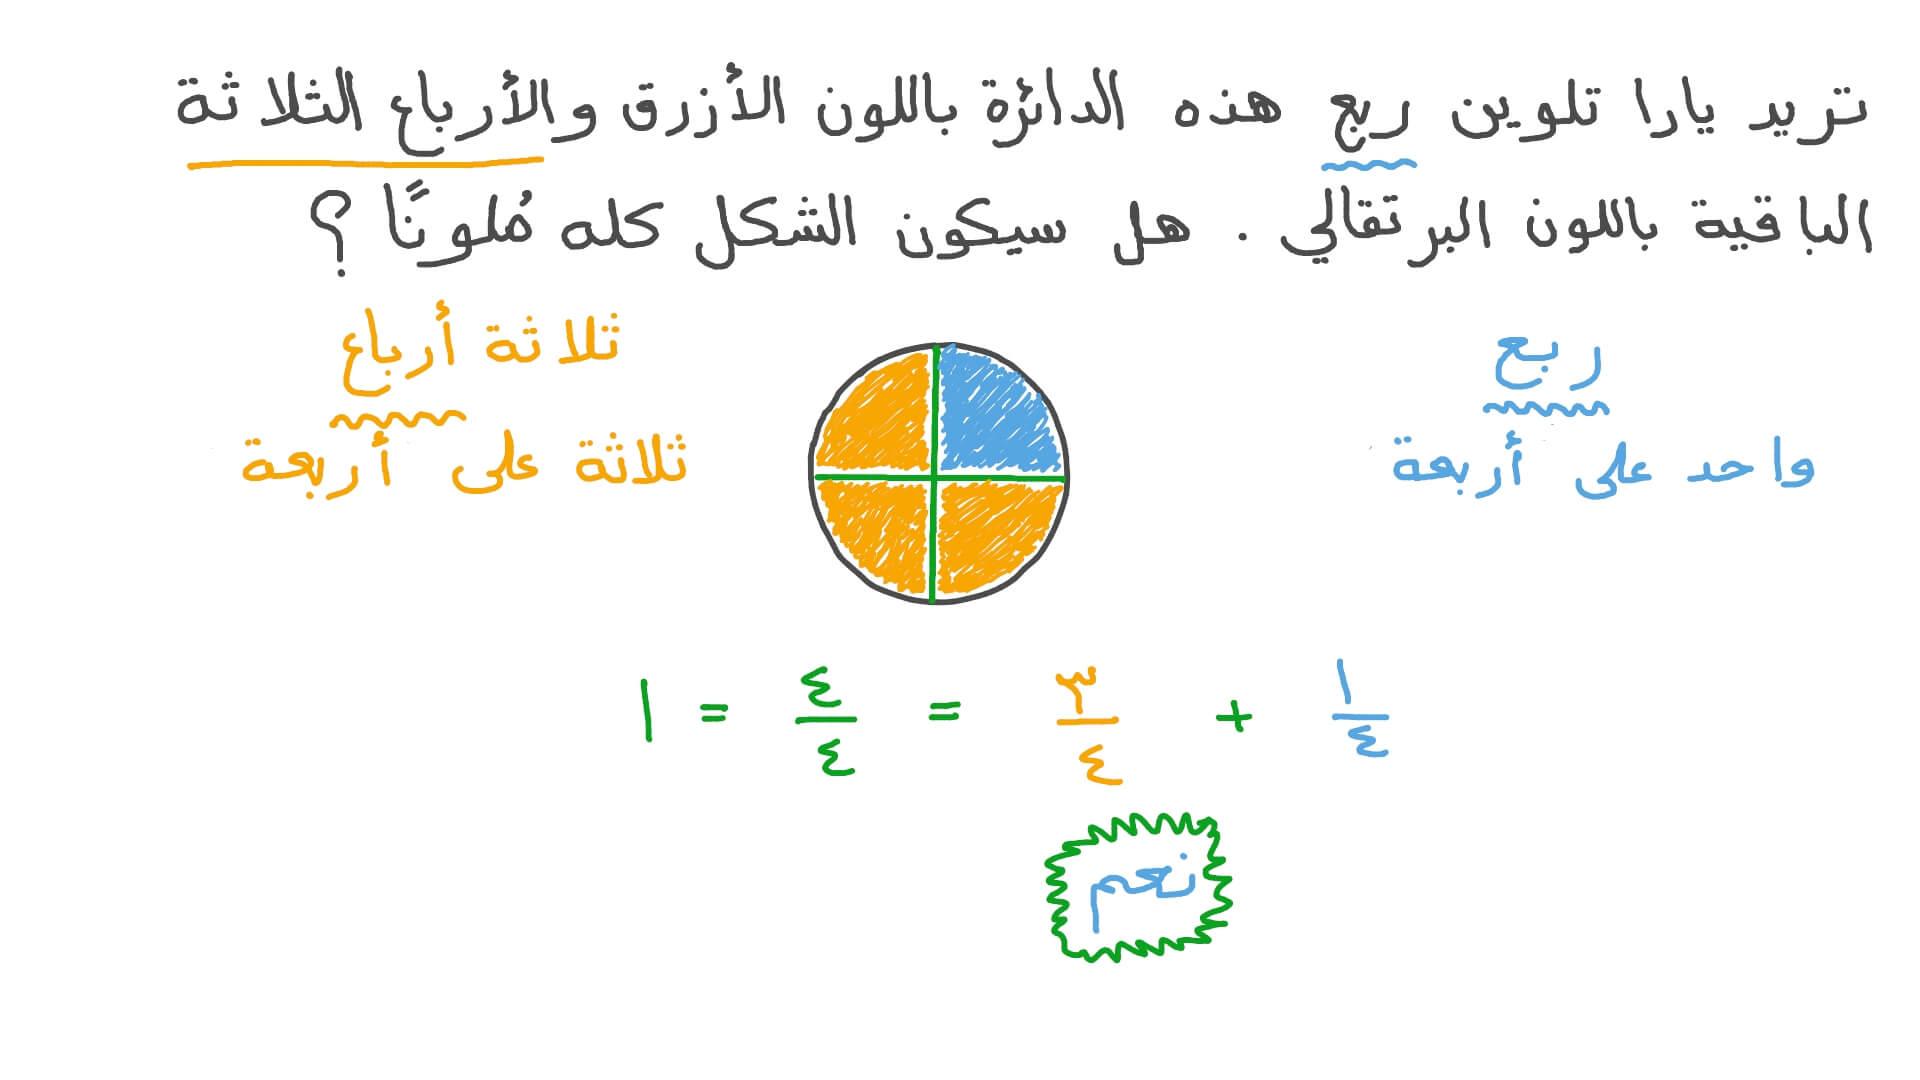 فيديو السؤال التعرف على عدد الأنصاف أو الأثلاث أو الأرباع في الواحد الصحيح نجوى